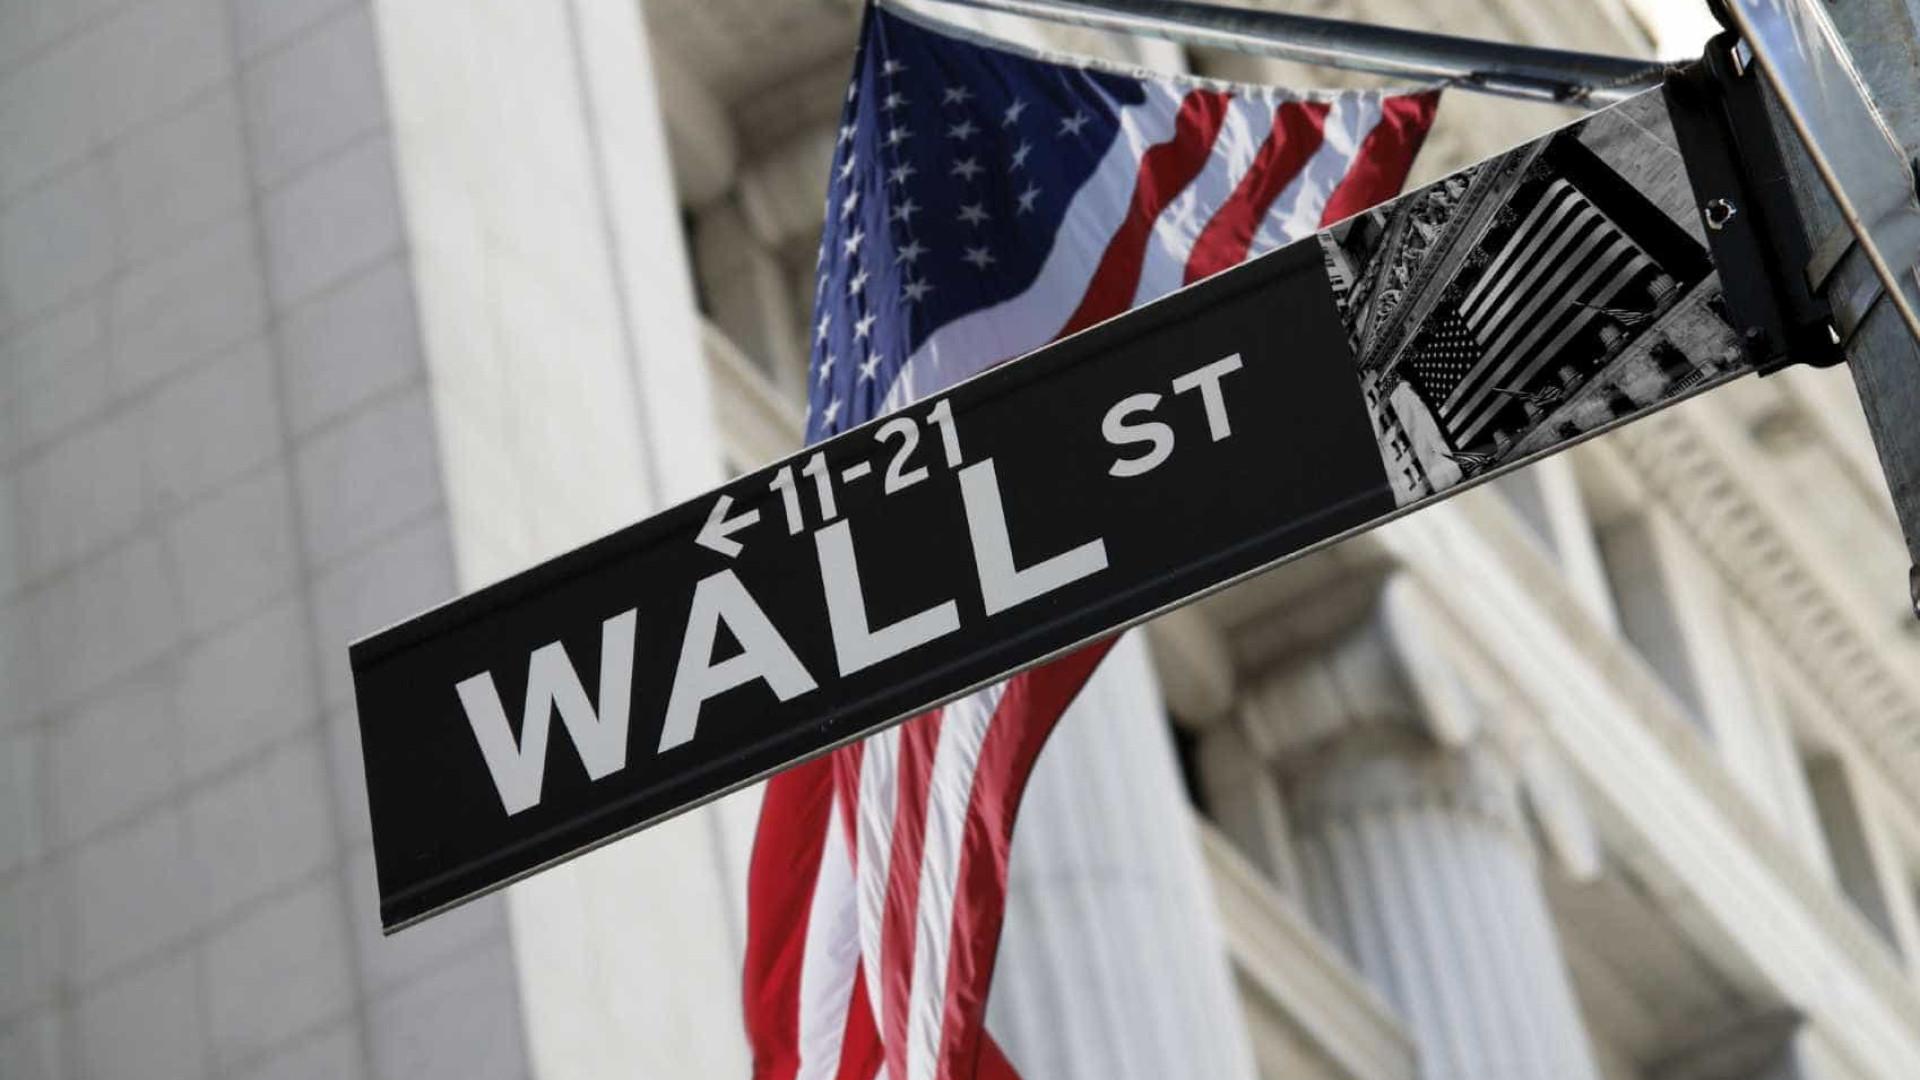 Wall Street fecha em alta graças aos valores da indústria e tecnologia